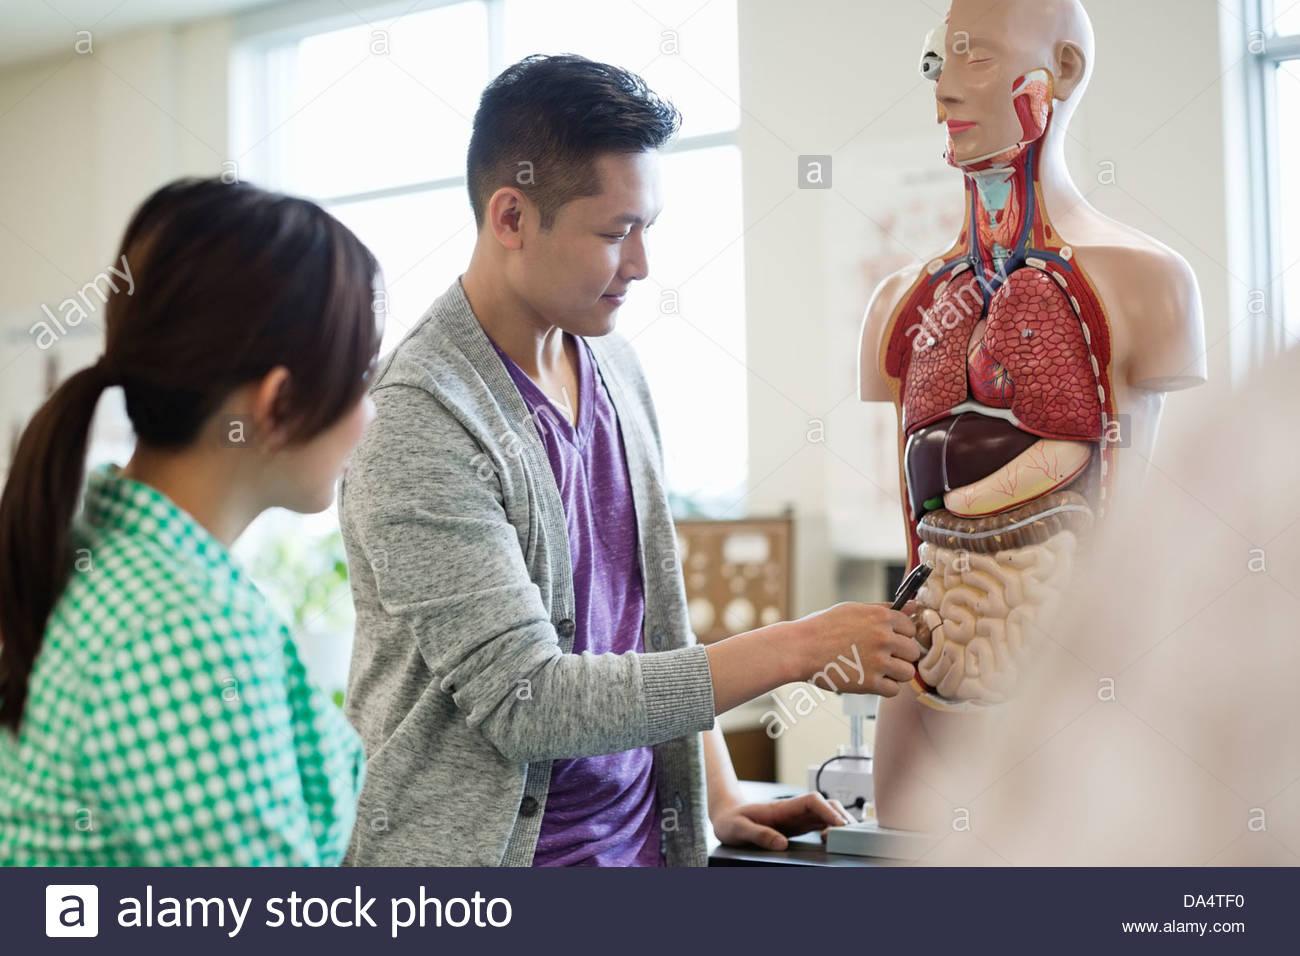 El aprendizaje de los alumnos en la universidad de anatomía laboratorio de ciencia Imagen De Stock